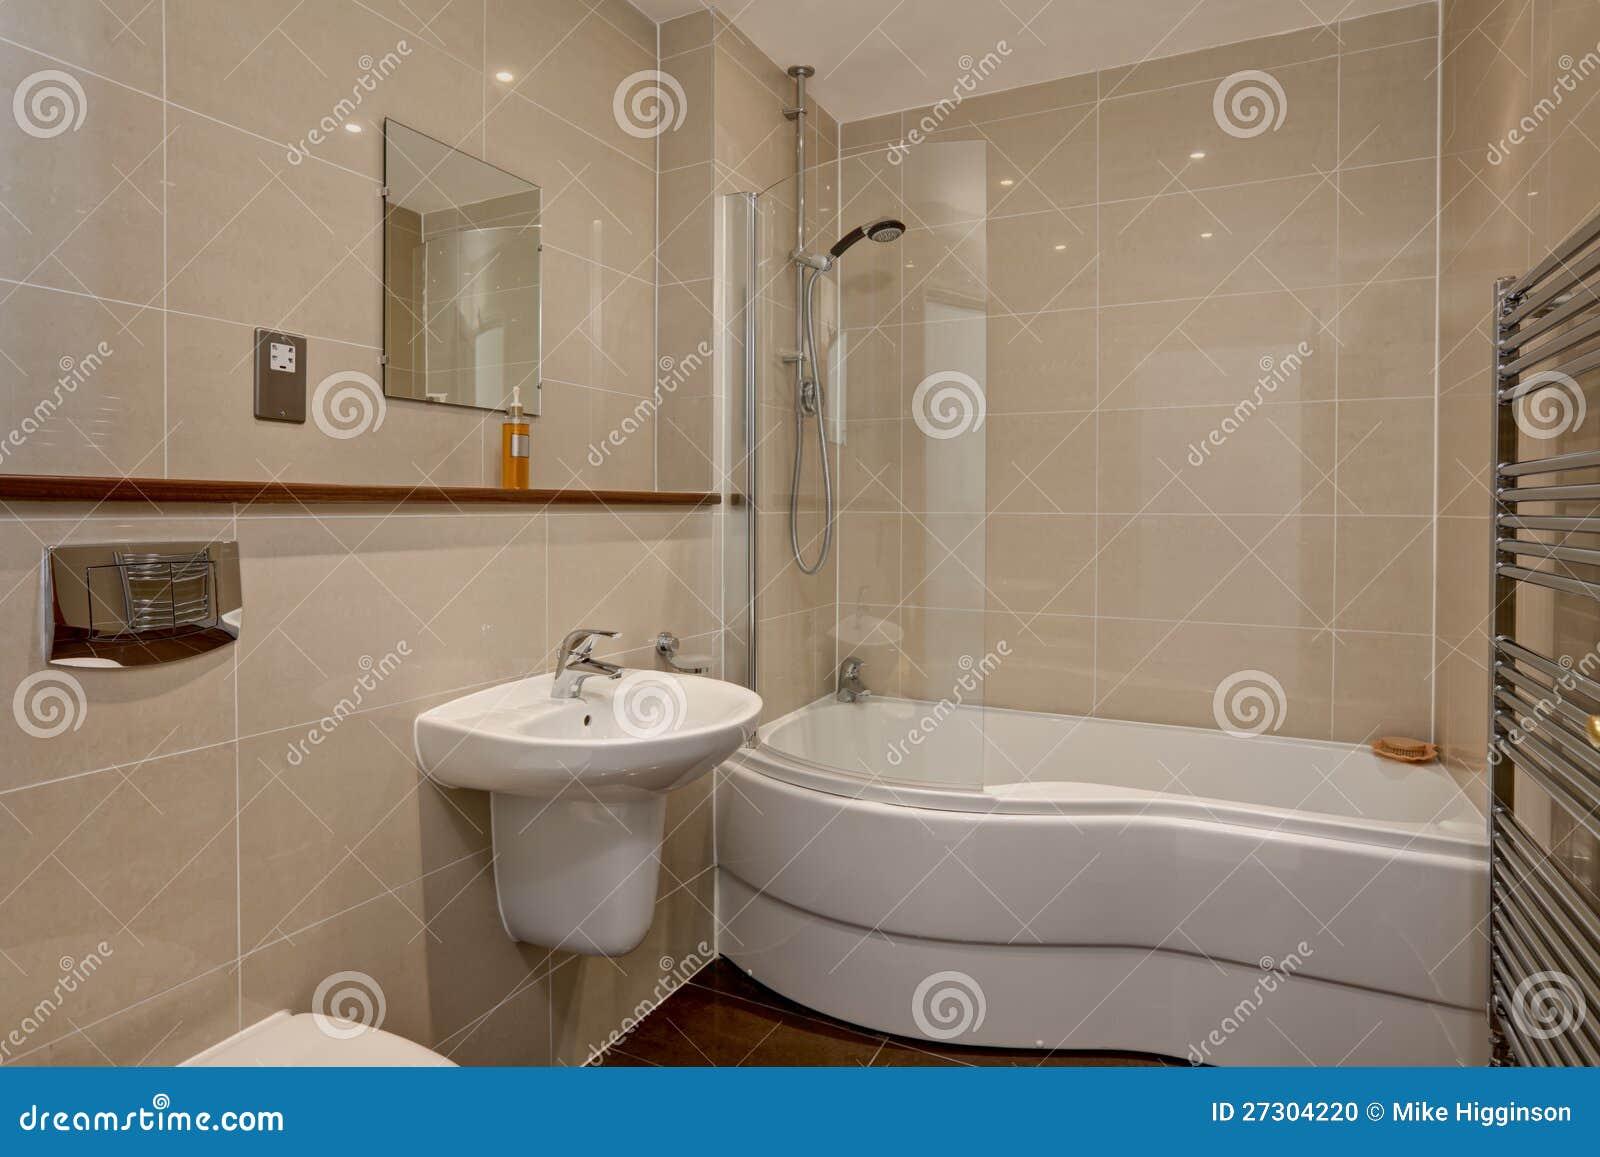 Il Lusso Moderno Ha Coperto Di Tegoli La Stanza Da Bagno Fotografia Stock - Immagine: 27304220